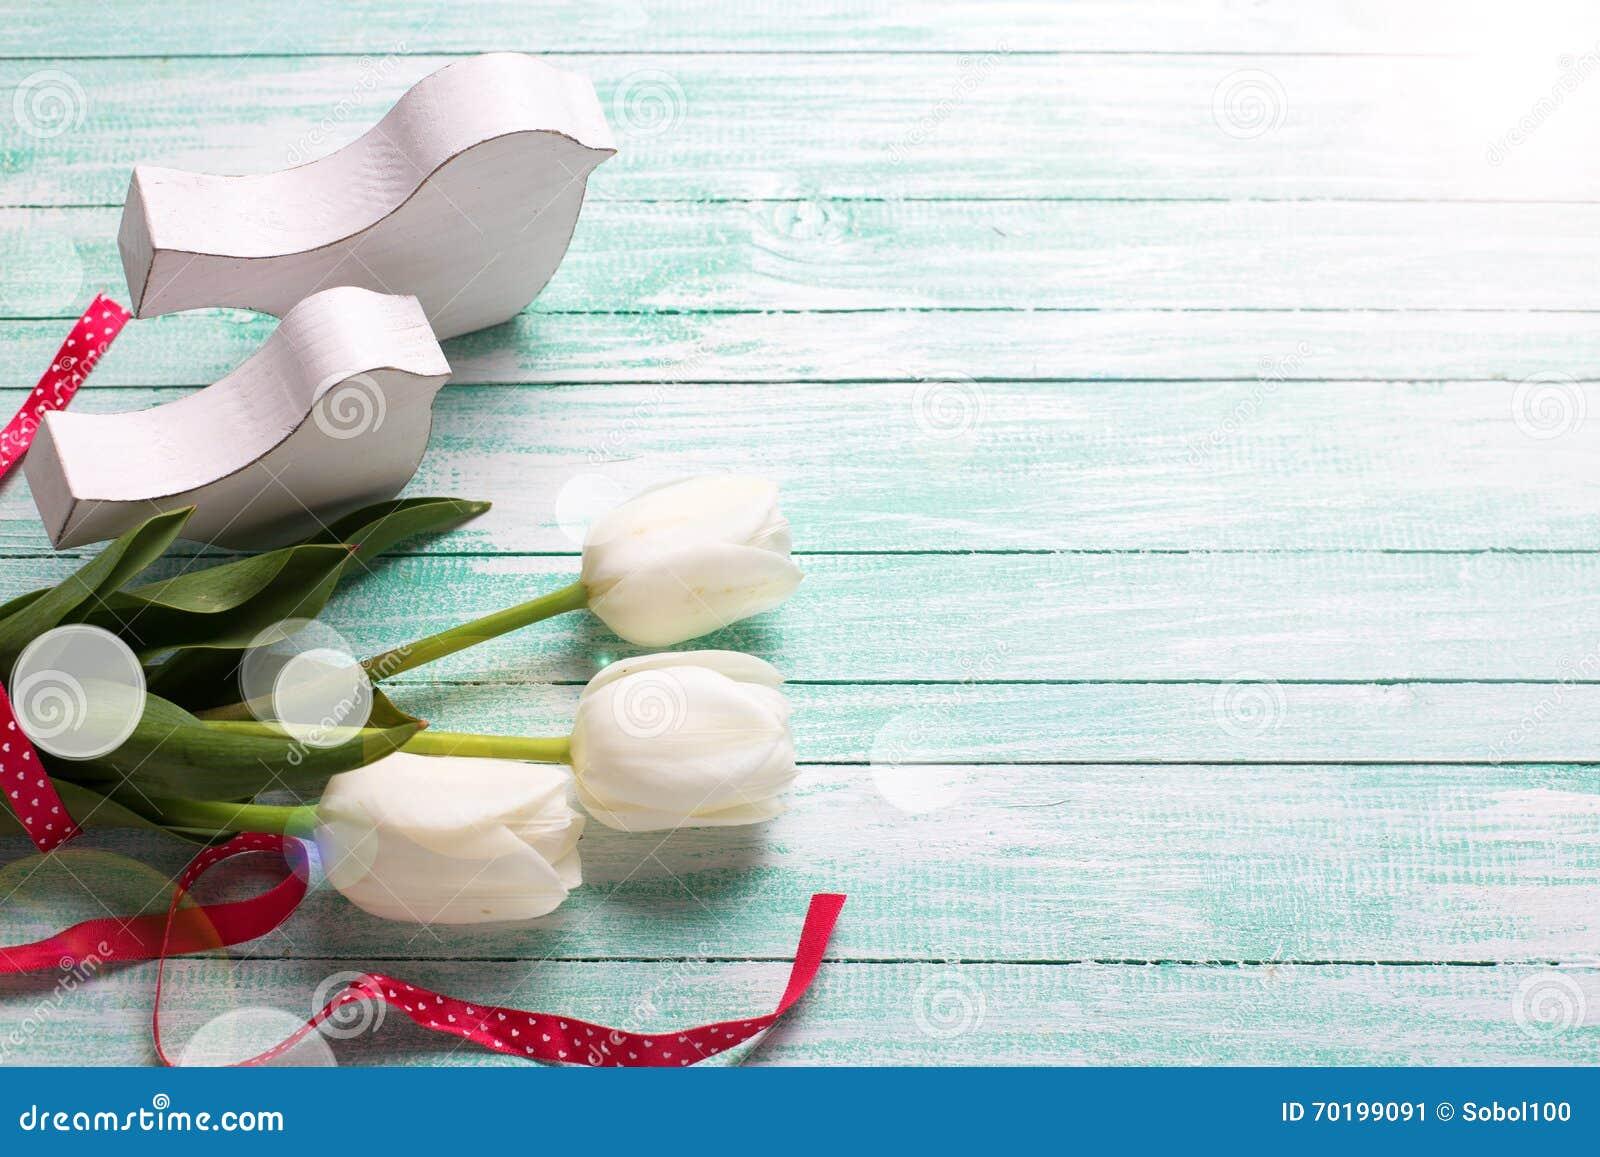 Bakgrund med vita tulpanblommor och dekorativa fåglar på tu